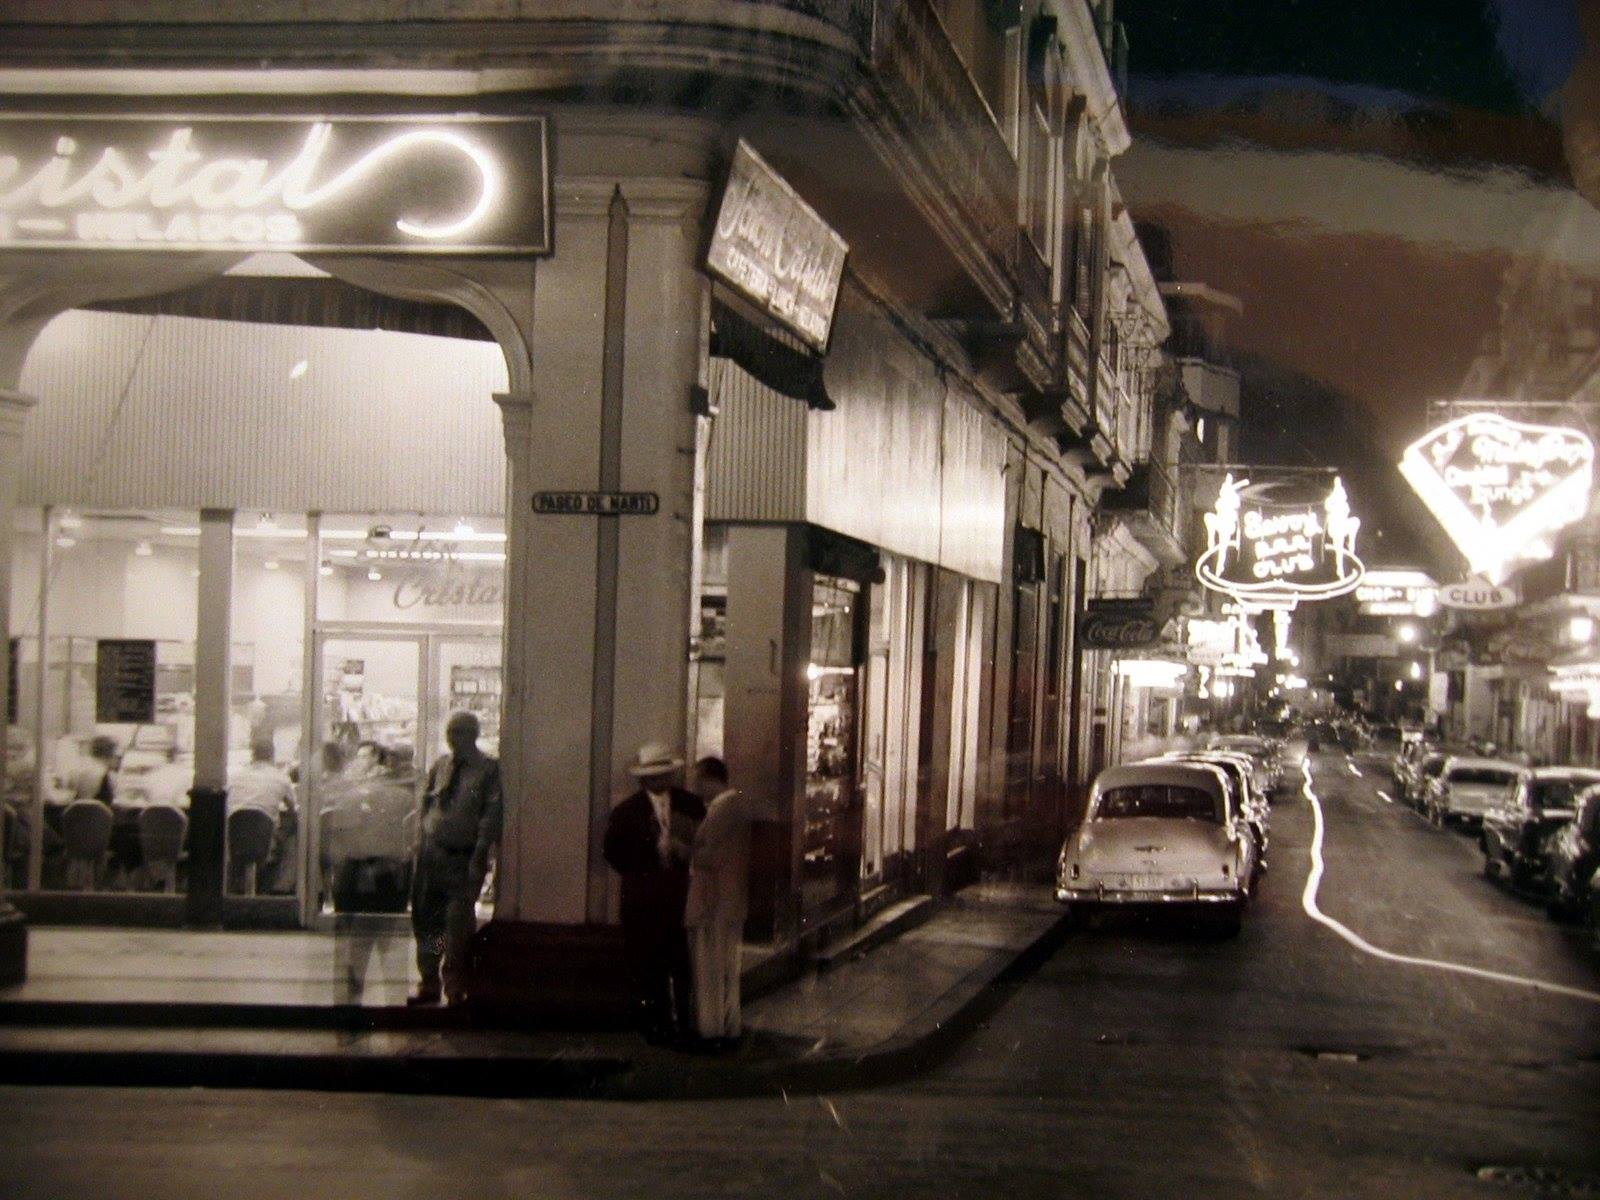 Salon Cristal on Prado street, 1957 - Salón Cristal en Prado y Virtudes, La Habana Ca. 1957.